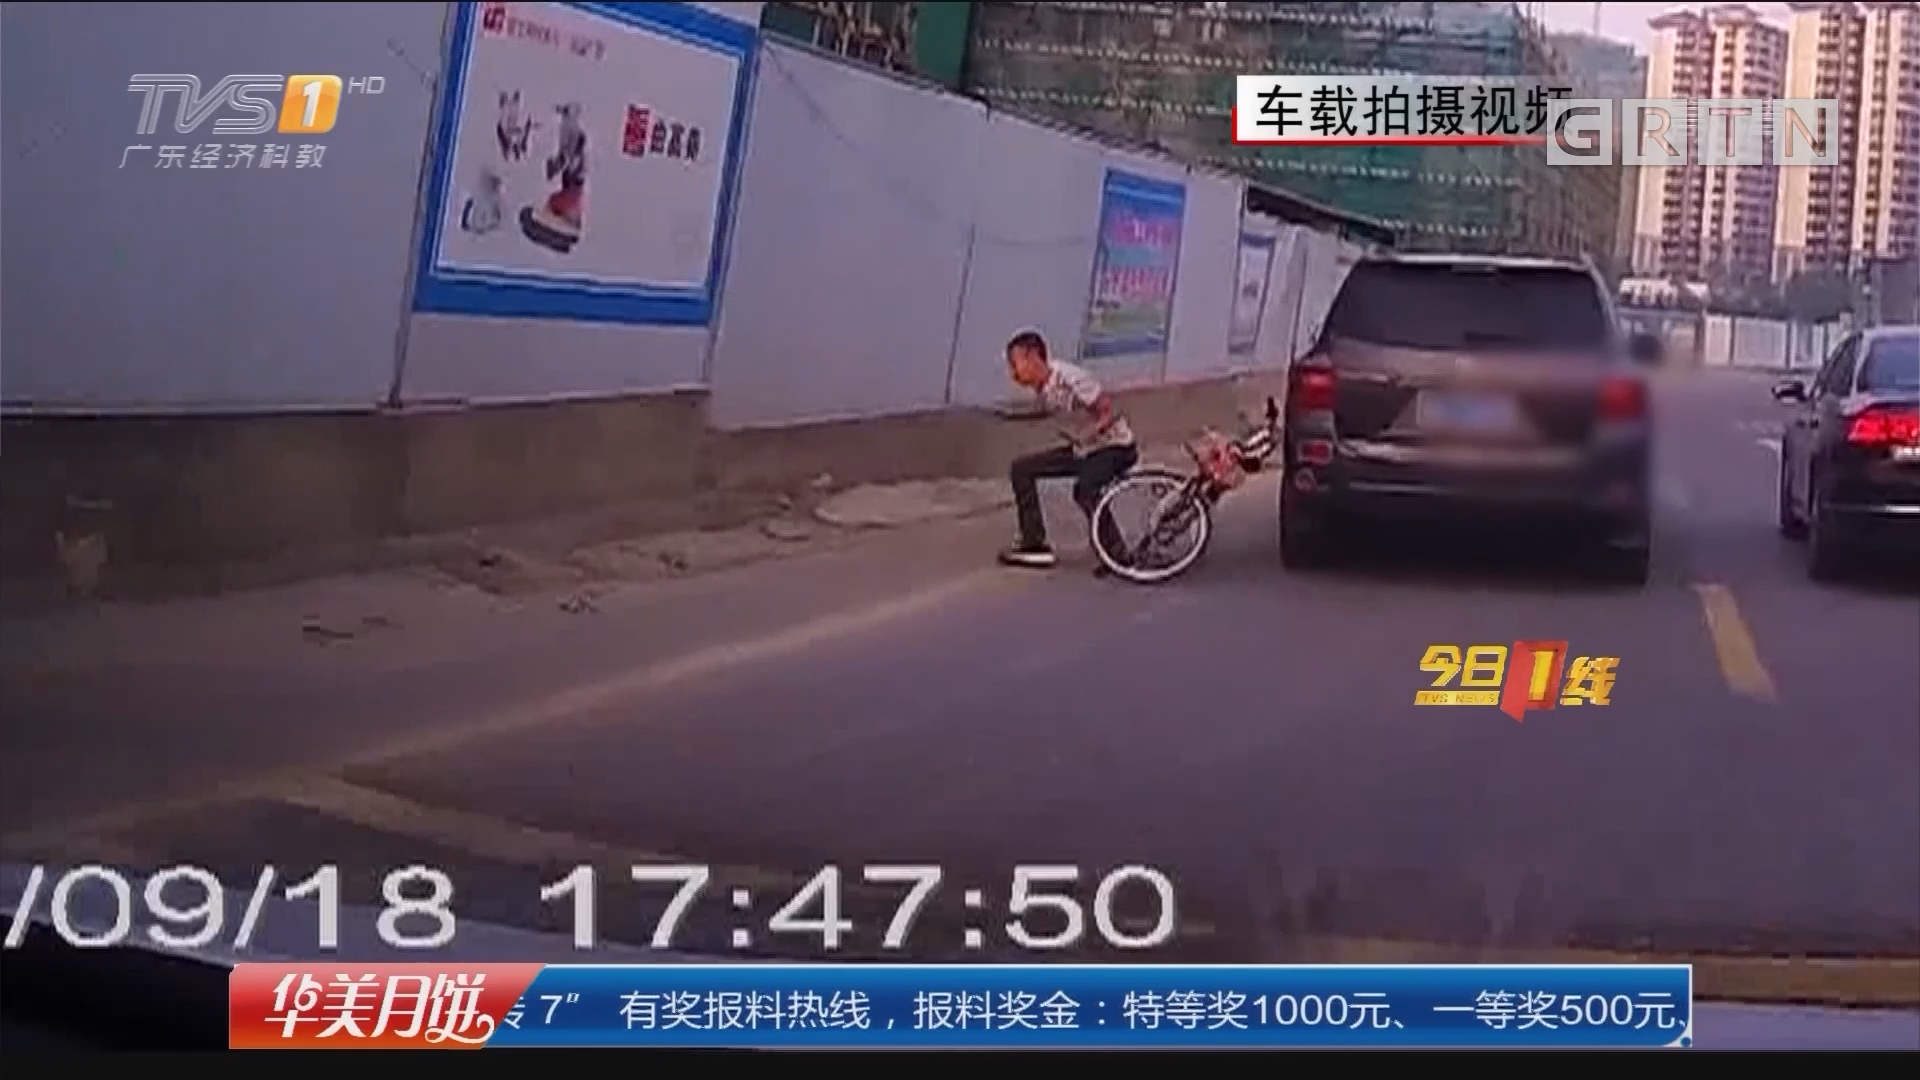 广州黄埔水西路:超车时与单车相撞 车主疑遭碰瓷